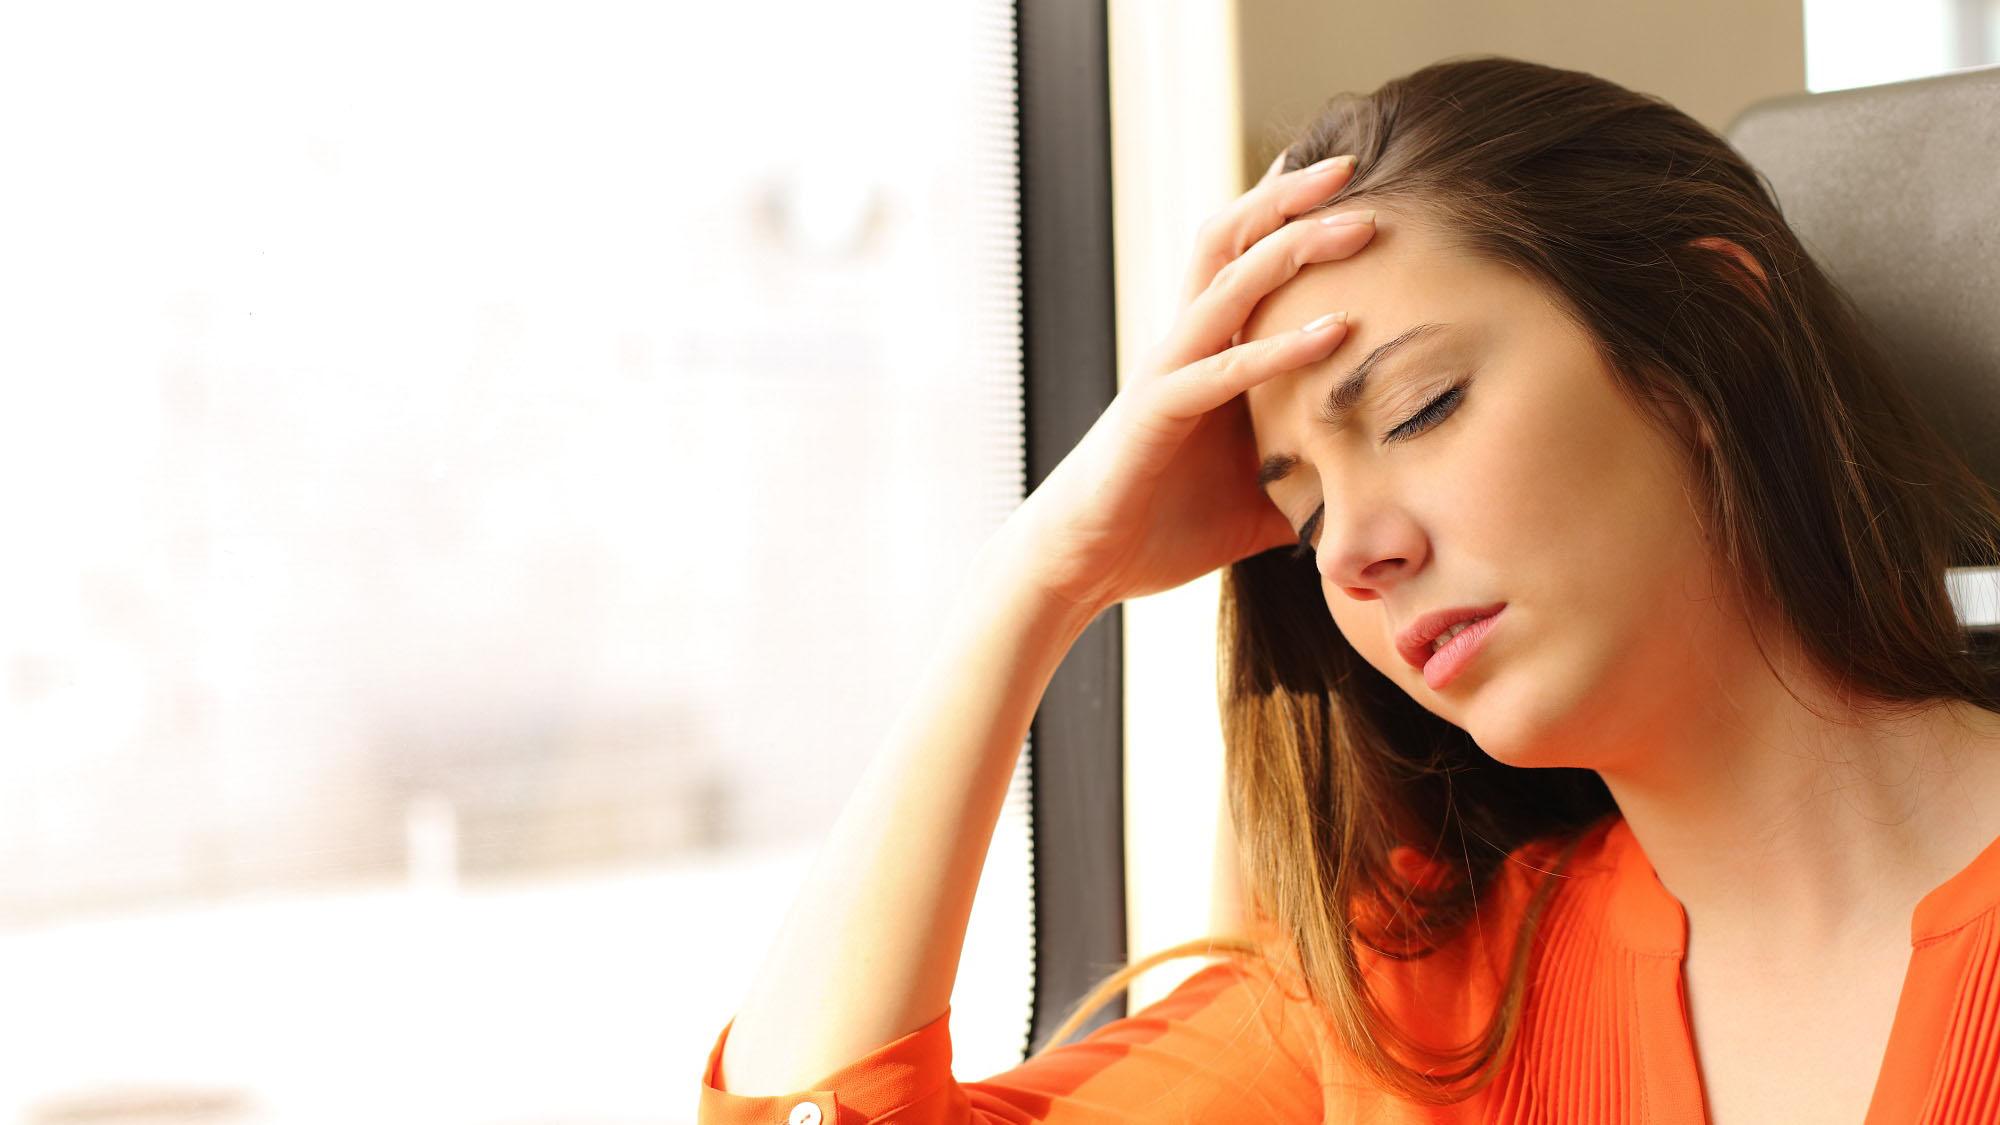 mareo por movimiento o cinetosis, es la desagradable sensación que hace sudar, sentir frío, malestar, palidez o náuseas a quien la padece